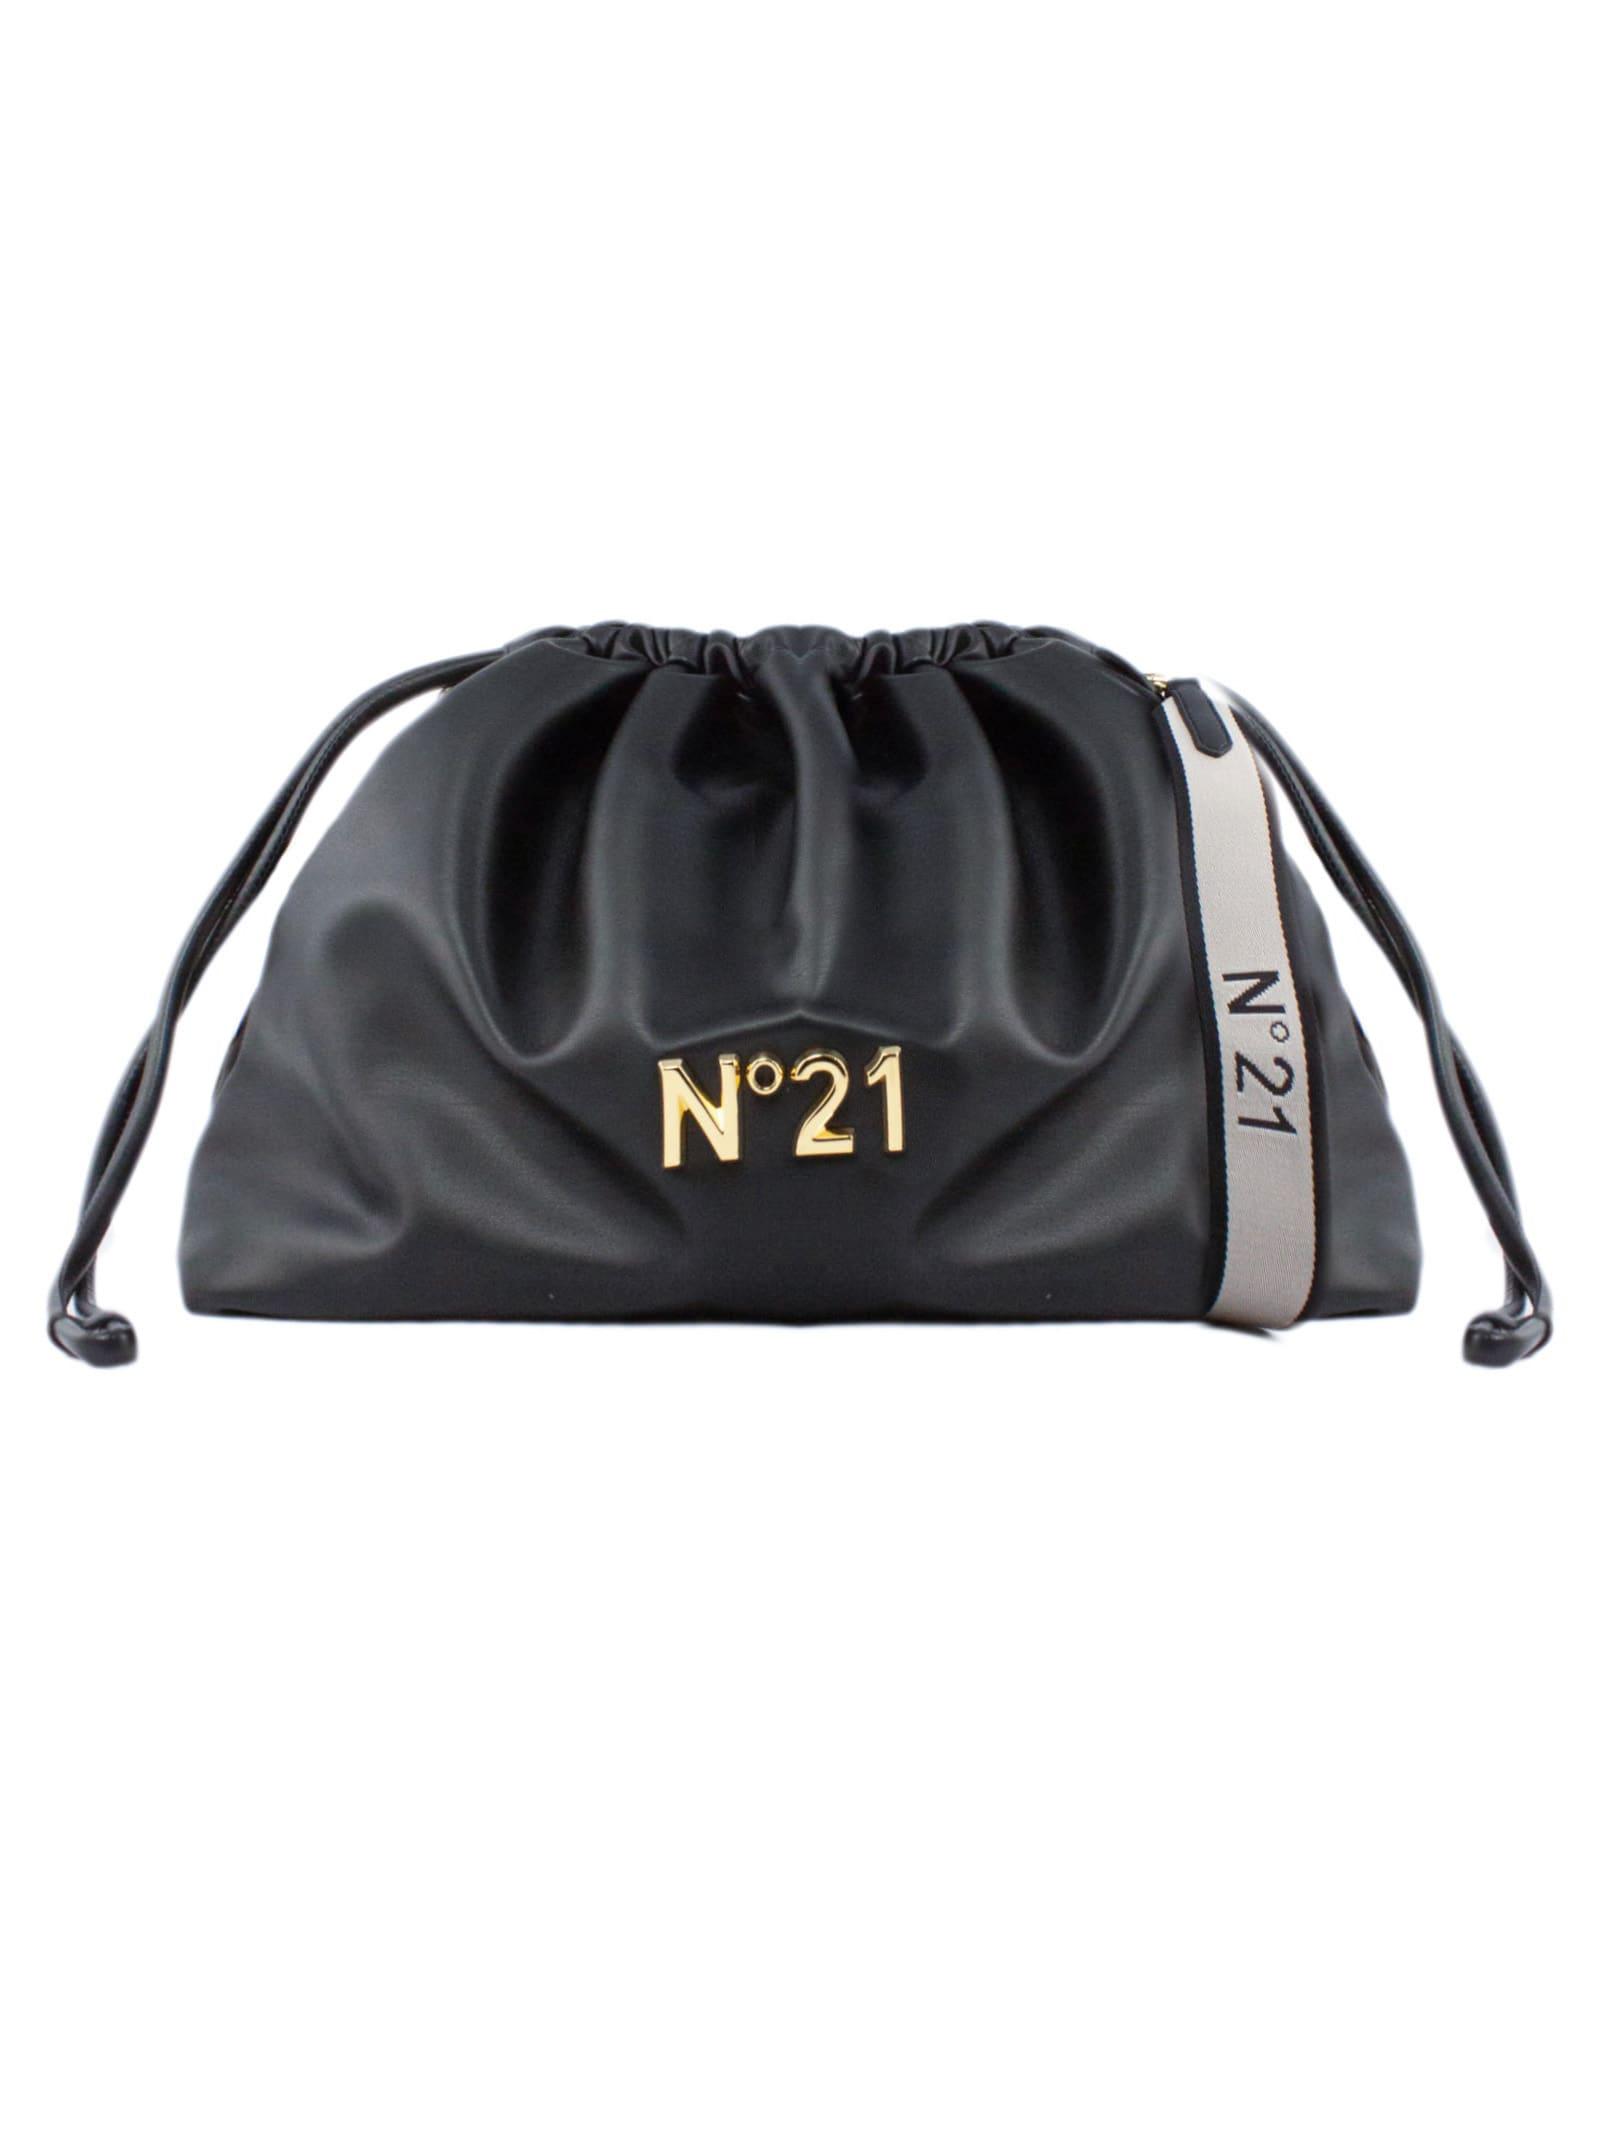 N.21 Large Black Eco-leather Shoulder Bag